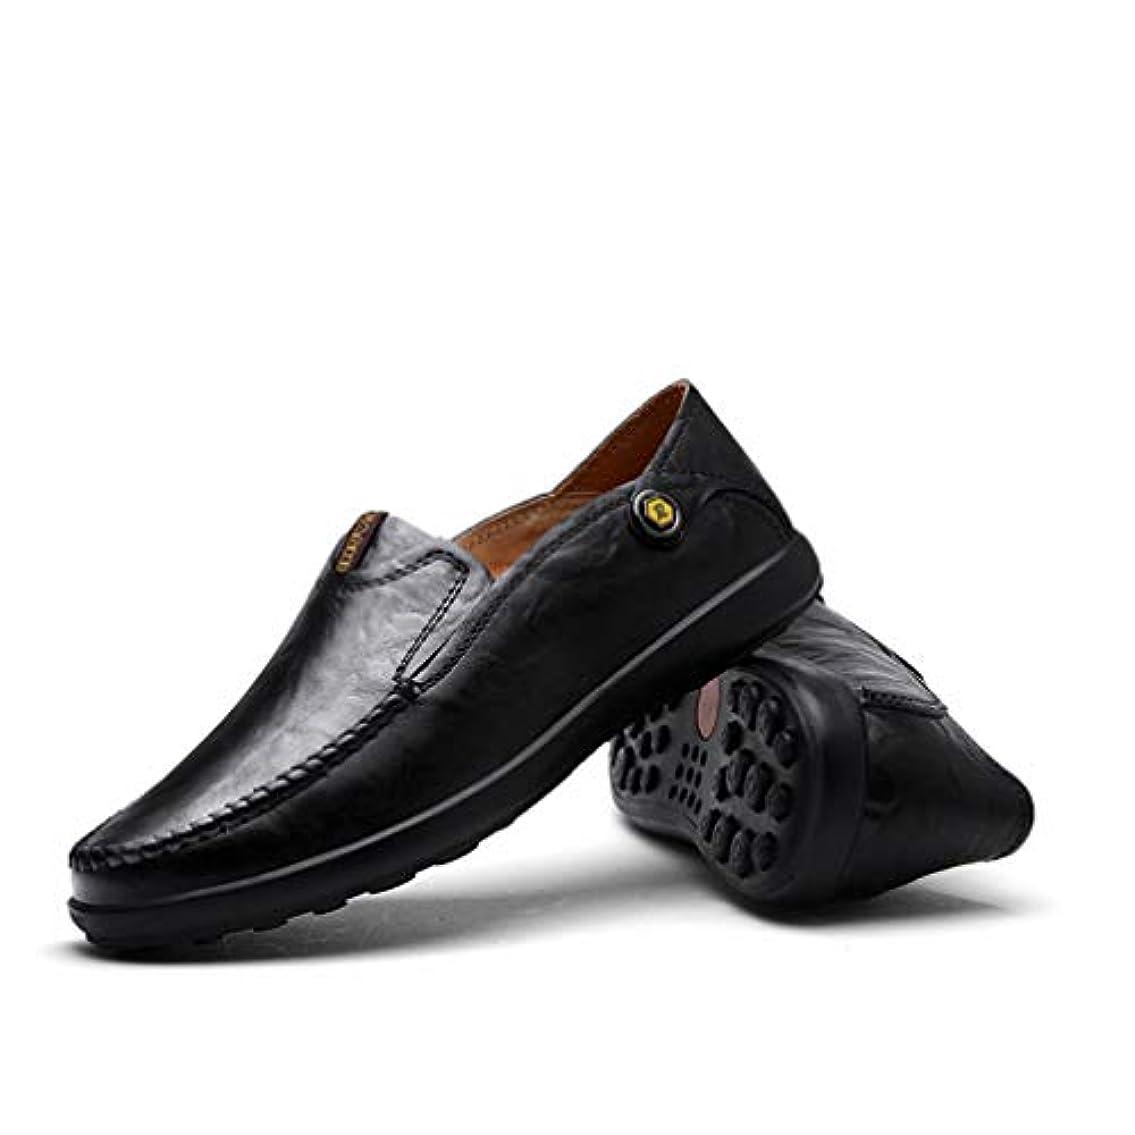 追加パラダイス急襲大きなサイズ メンズ コインローファー 靴 レザー ドライビングシューズ 短靴 革靴 カジュアル 革 スリッポン シューズ ビジネス シューズ ラウンドトゥ フラット ローカット 紳士靴 歩くやすい 軽量 通気 28cm